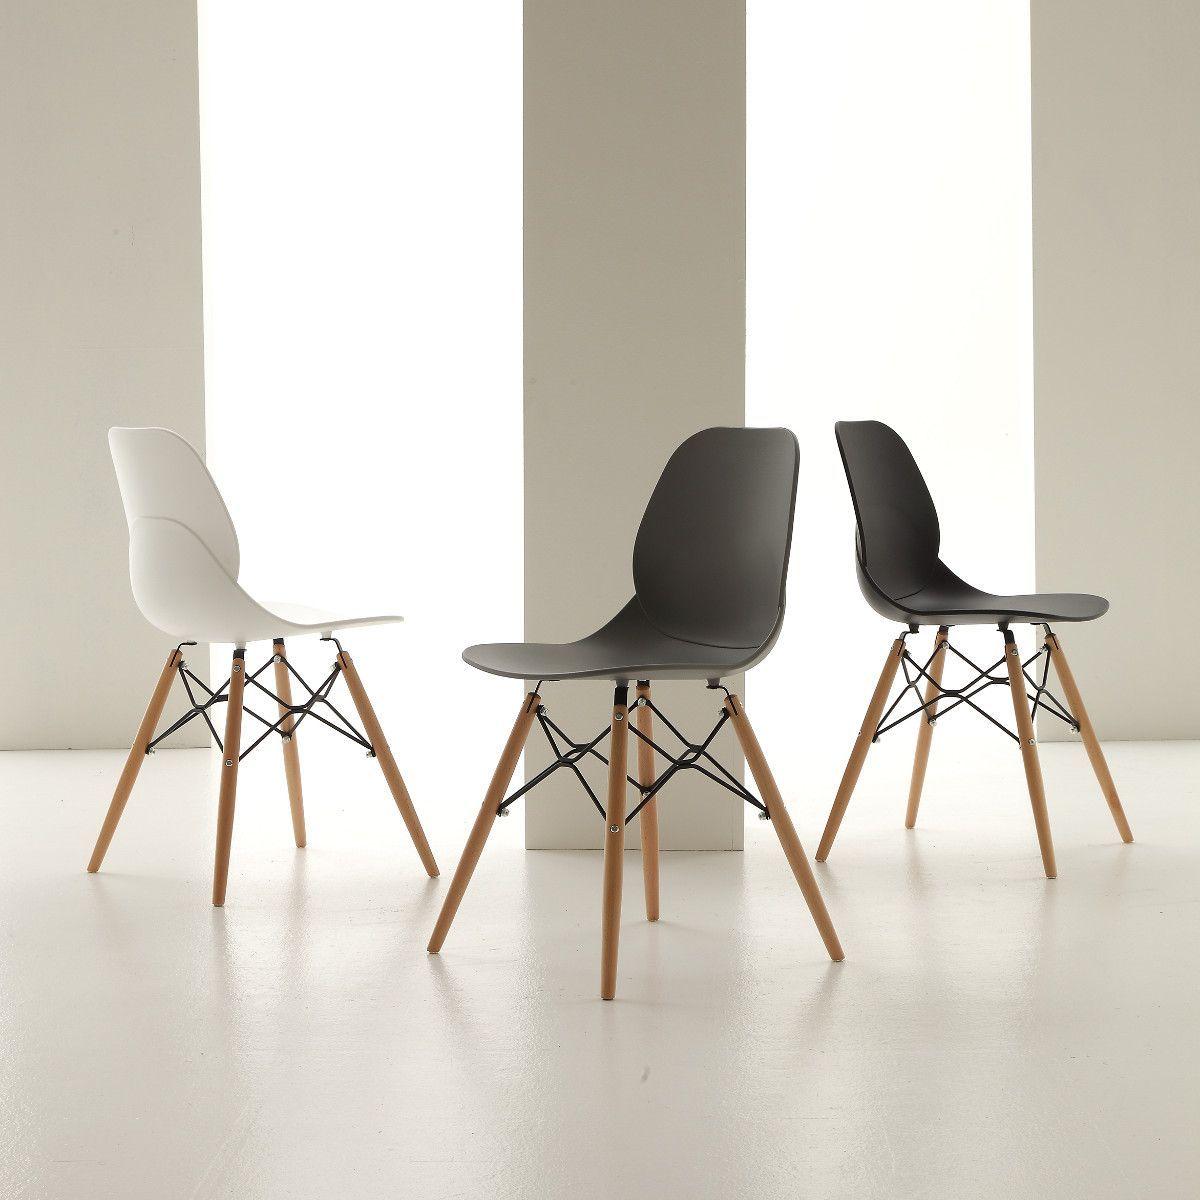 Sedie In Legno Design Moderno.Sedia Design Moderno Elenora Faggio E Polipropilene Elenora